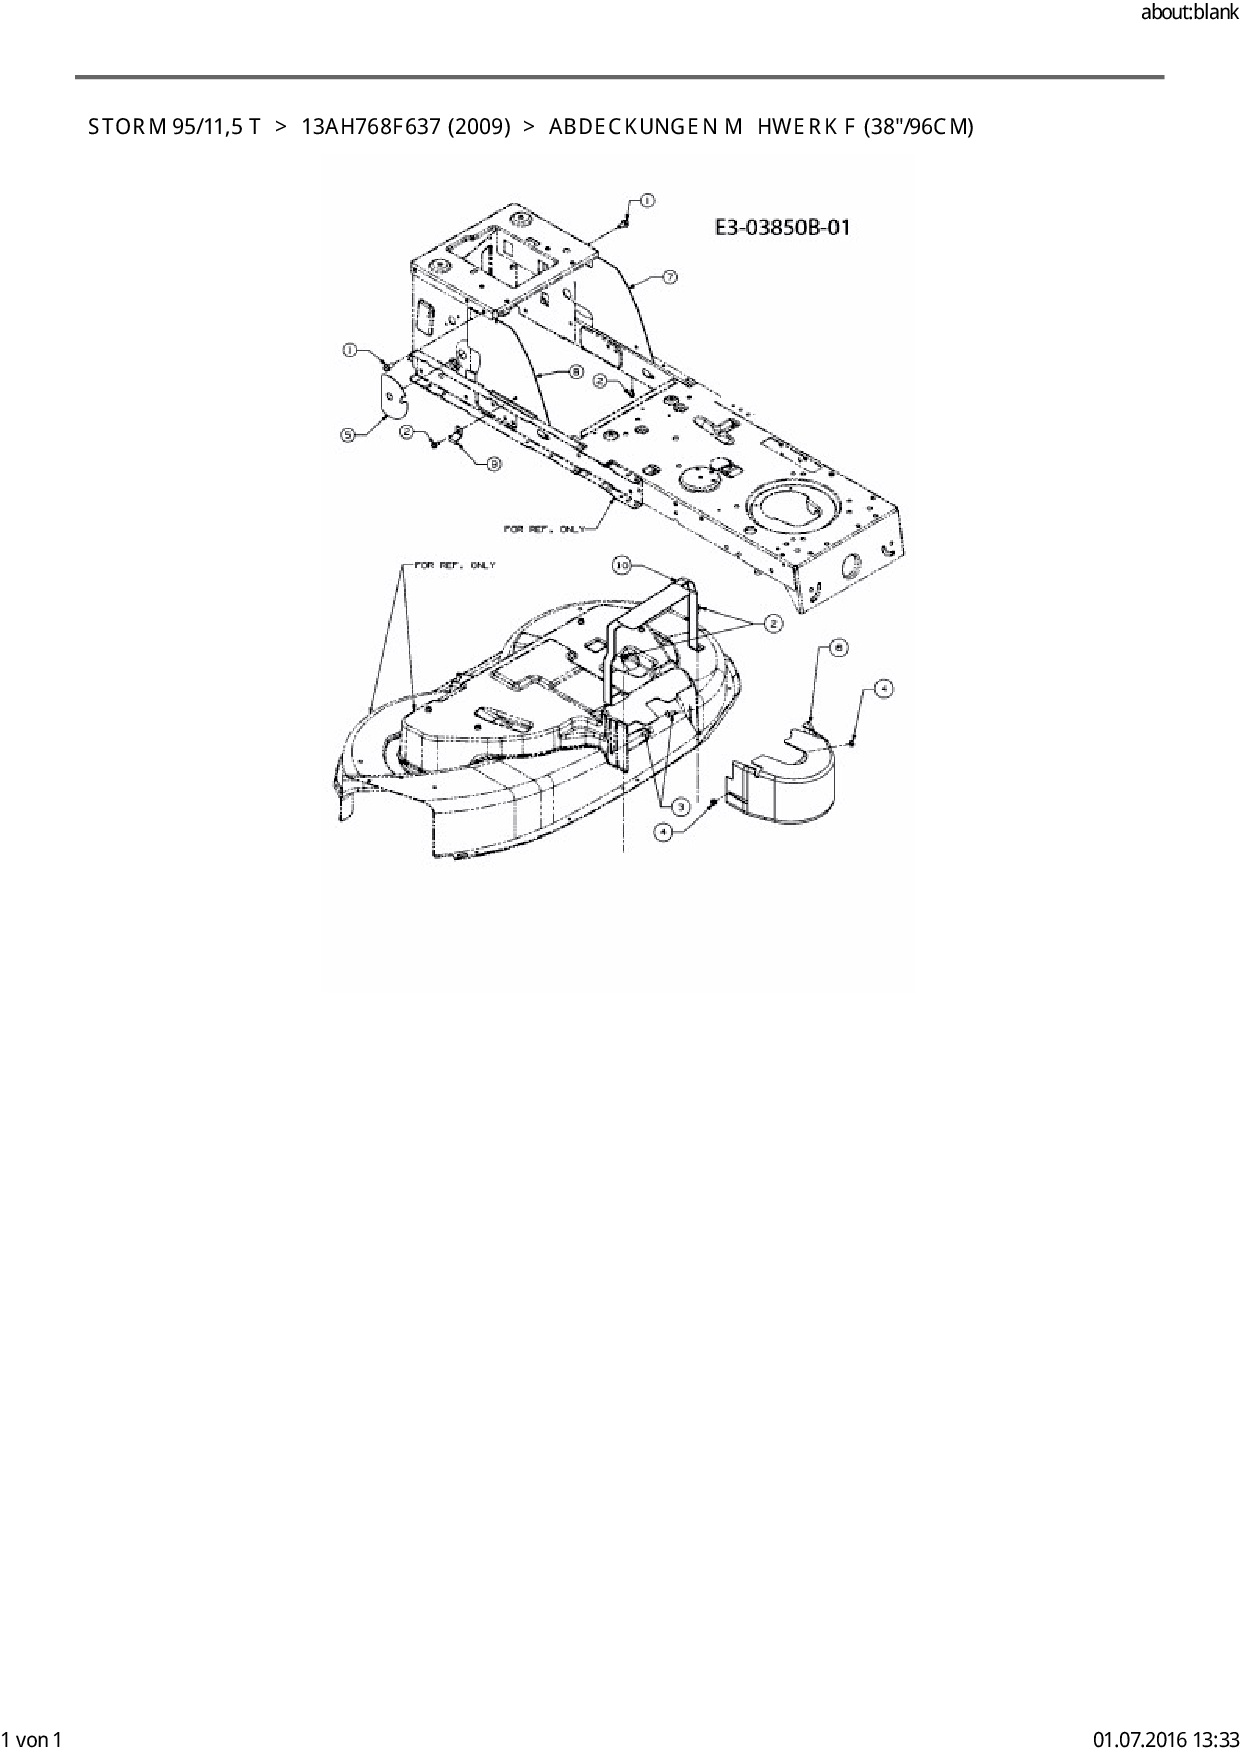 Ersatzteile von EFCO Rasentraktor Storm 95/11,5 T aus der